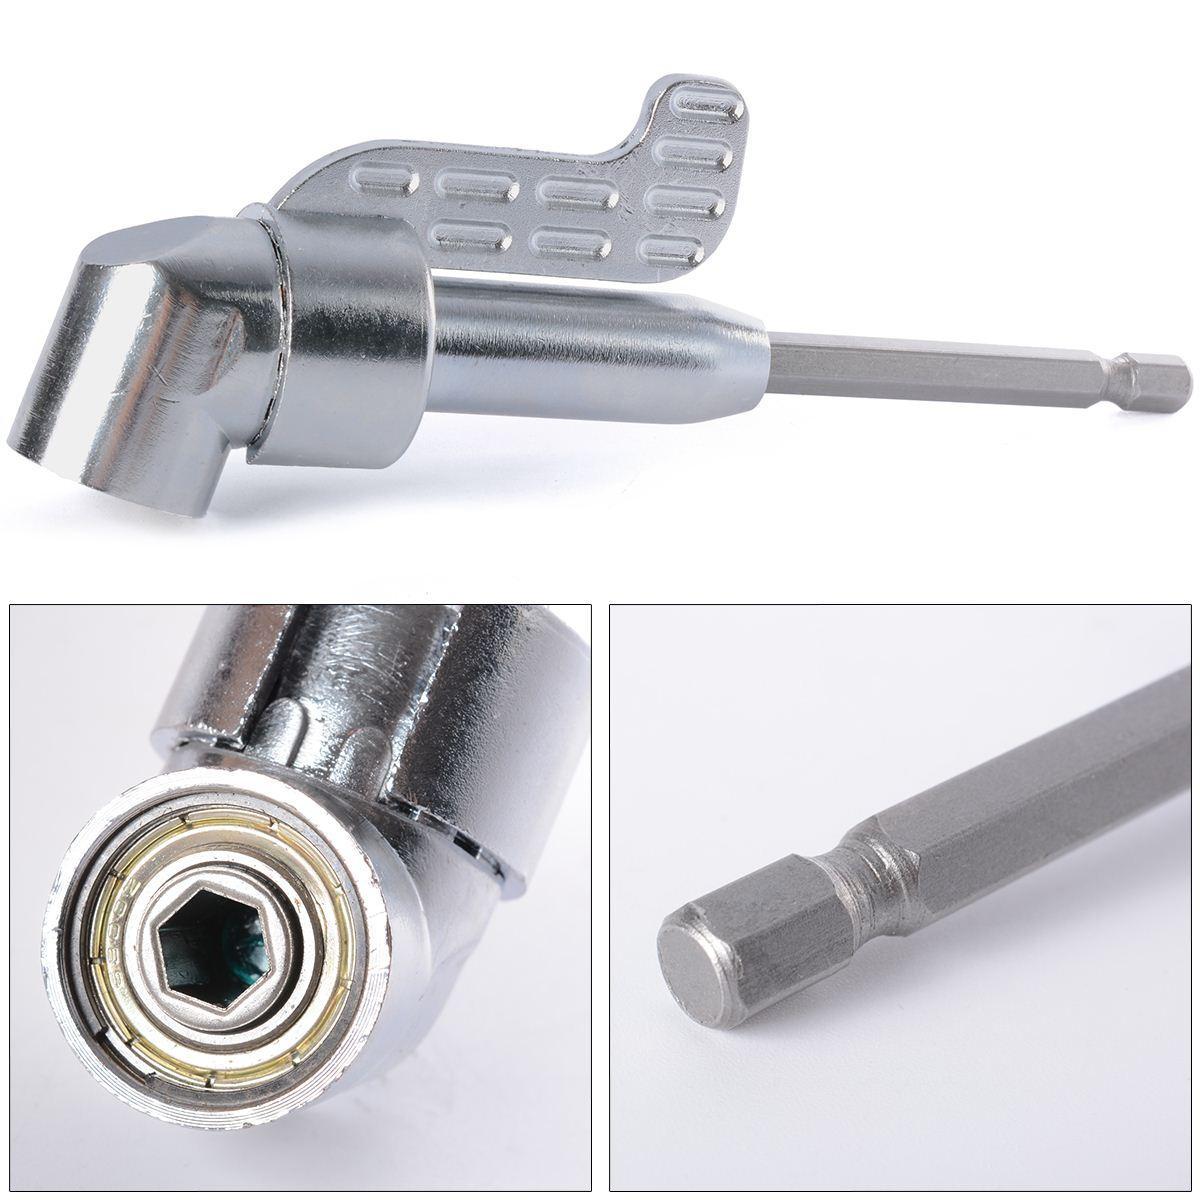 1/4 INCH Magnético Bit 105 Destornillador con adaptador de ángulo Destornillador Brida de pulgar ajustable Off-Set Cabeza de poder Taladro eléctrico BI053 +